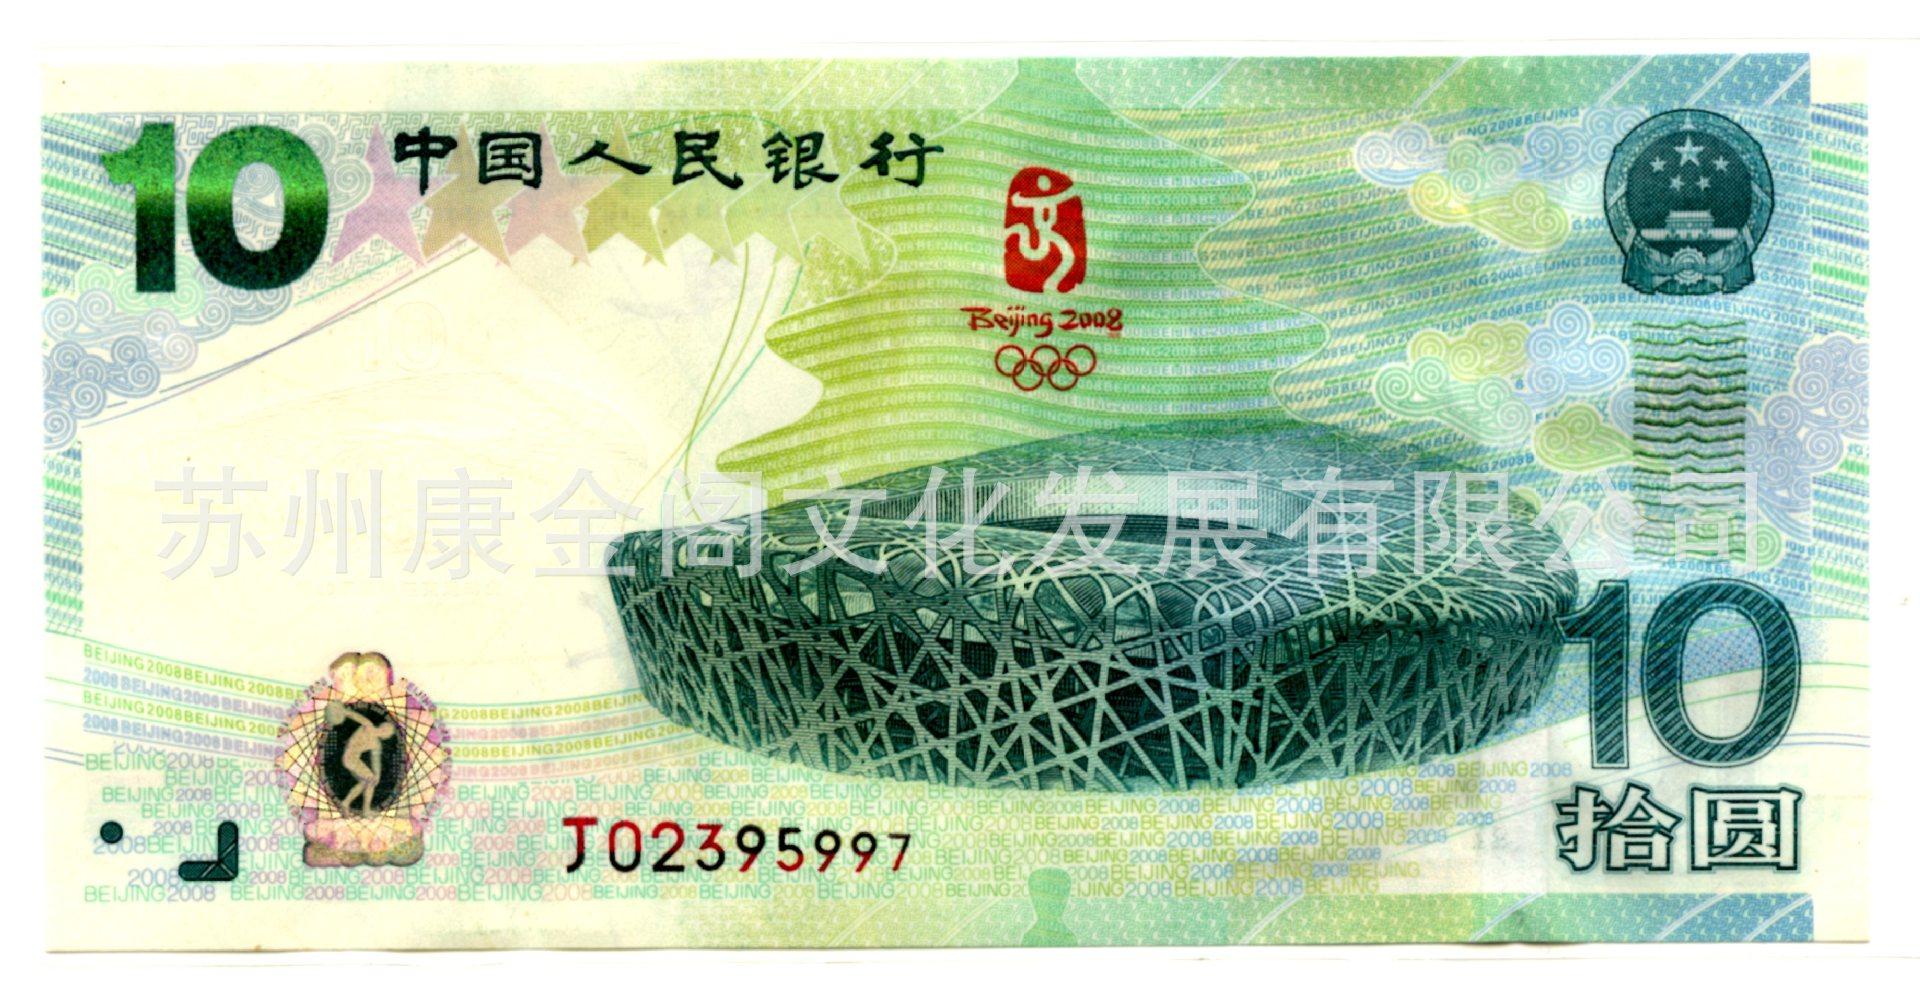 2008年北京奥运钞纪念钞,10元奥运钞【号码随机】